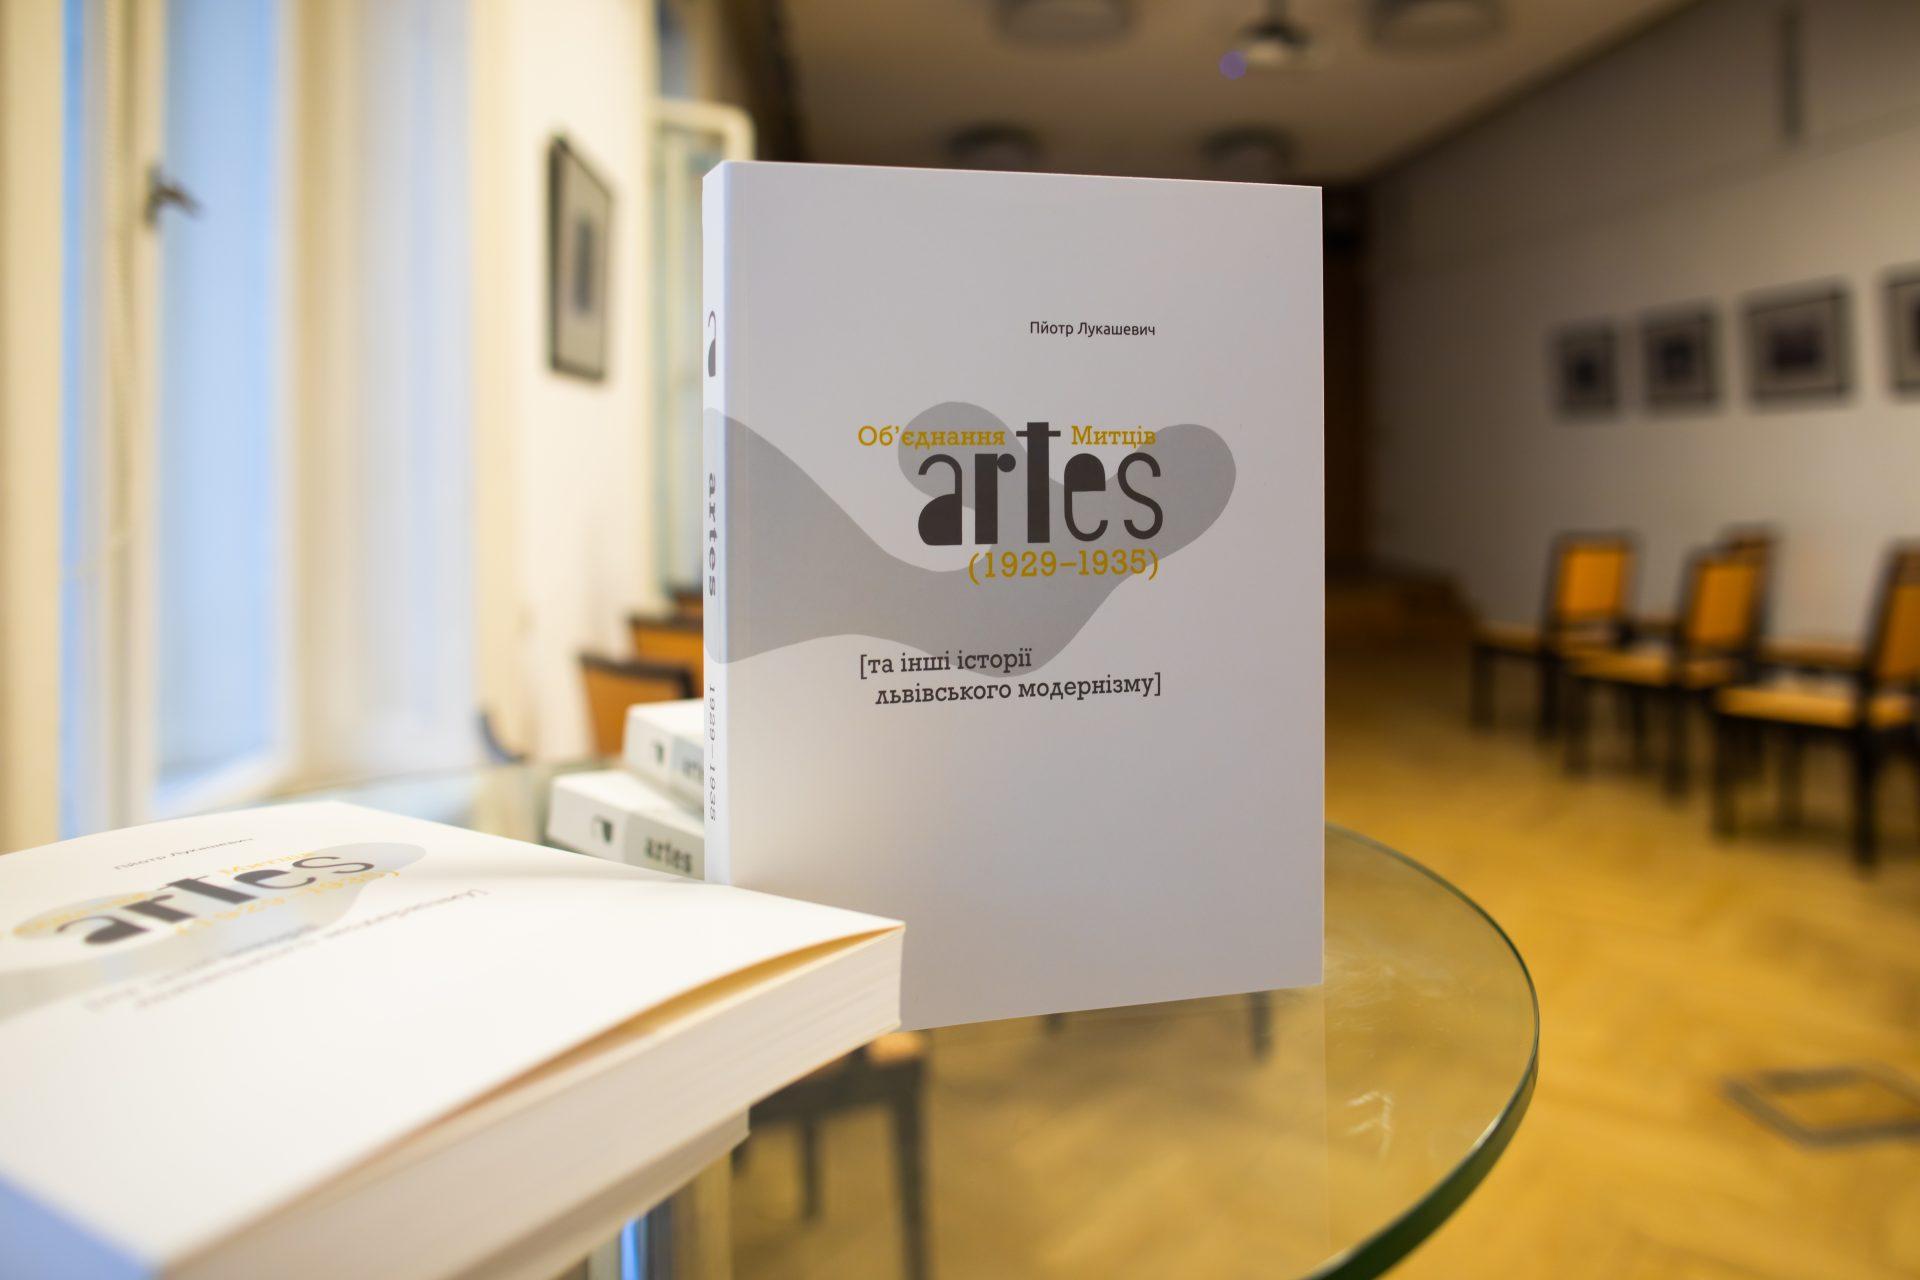 Презентація книги про об'єднання митців artes на Book Forum 2021